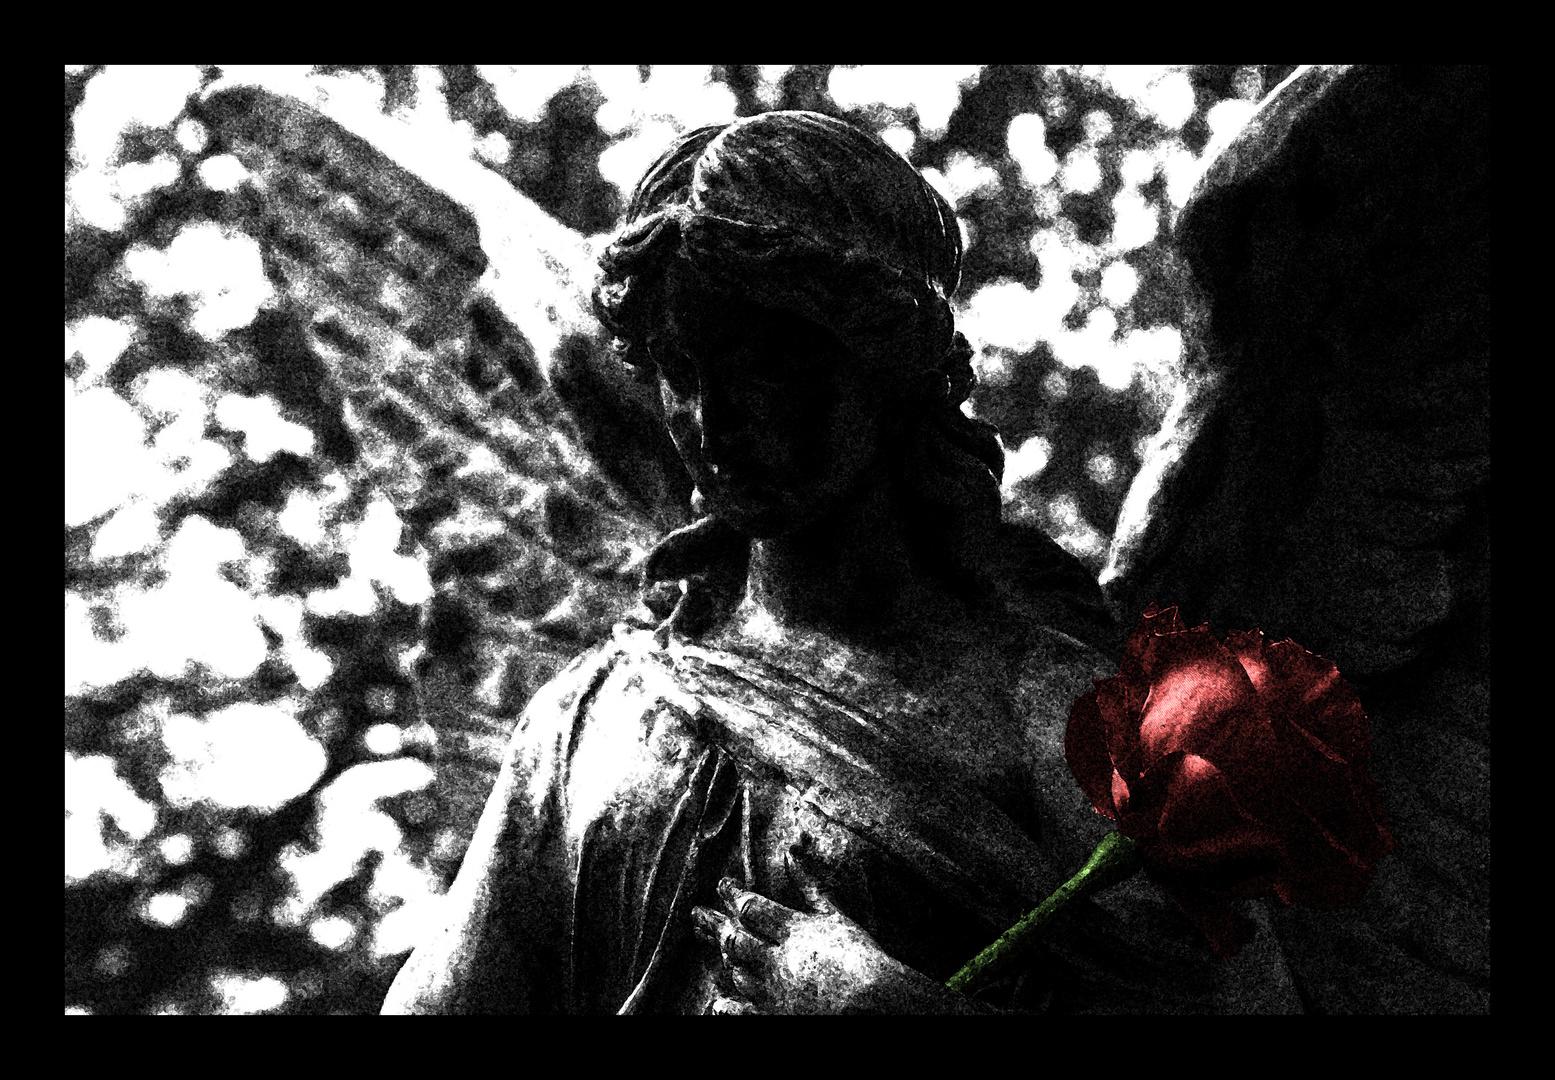 Wenn ich dir die Rosen zeige, wirst du mir folgen? oder Alles vergeht!